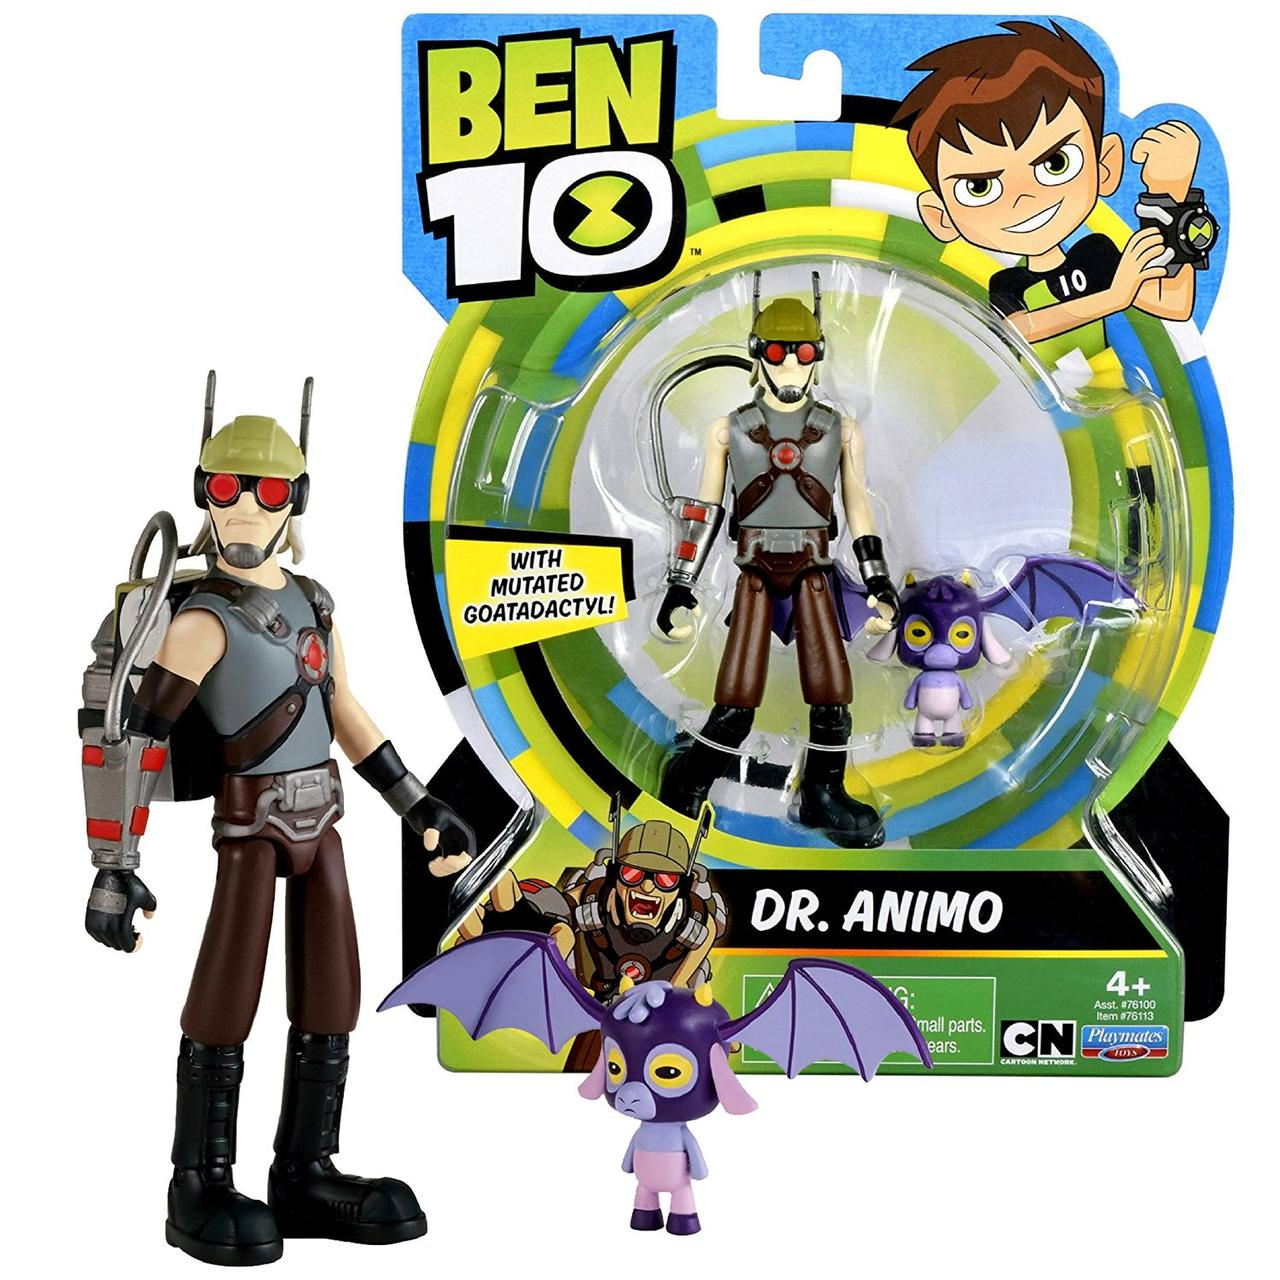 Бен 10 фигурка 12 см Доктор Анимо. Ben 10 Dr. Animo Оригинал из США